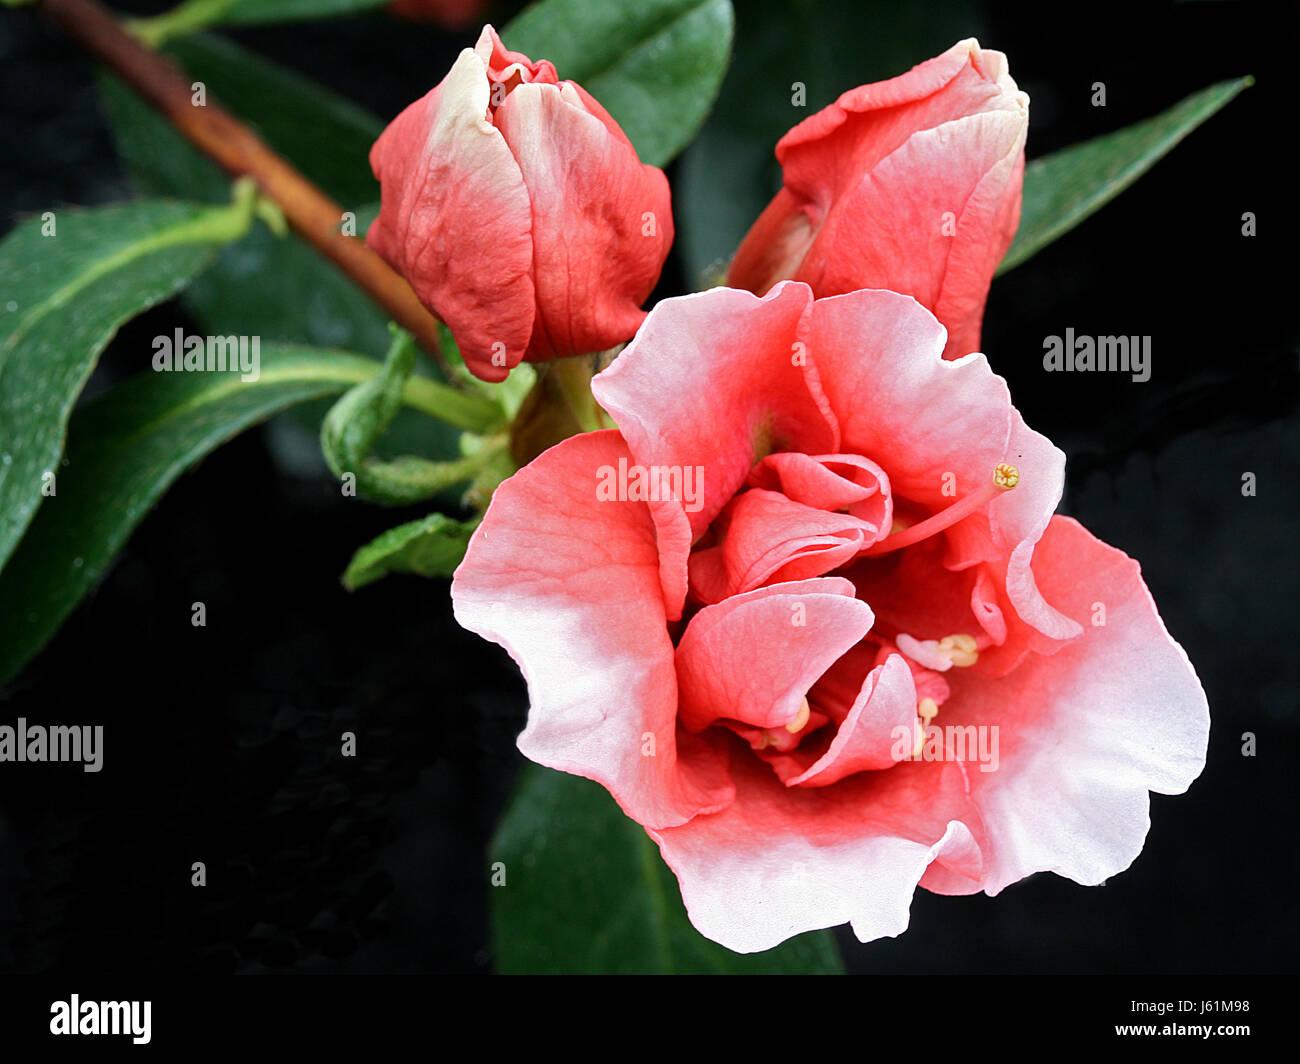 candela - new azaleas places - Stock Image